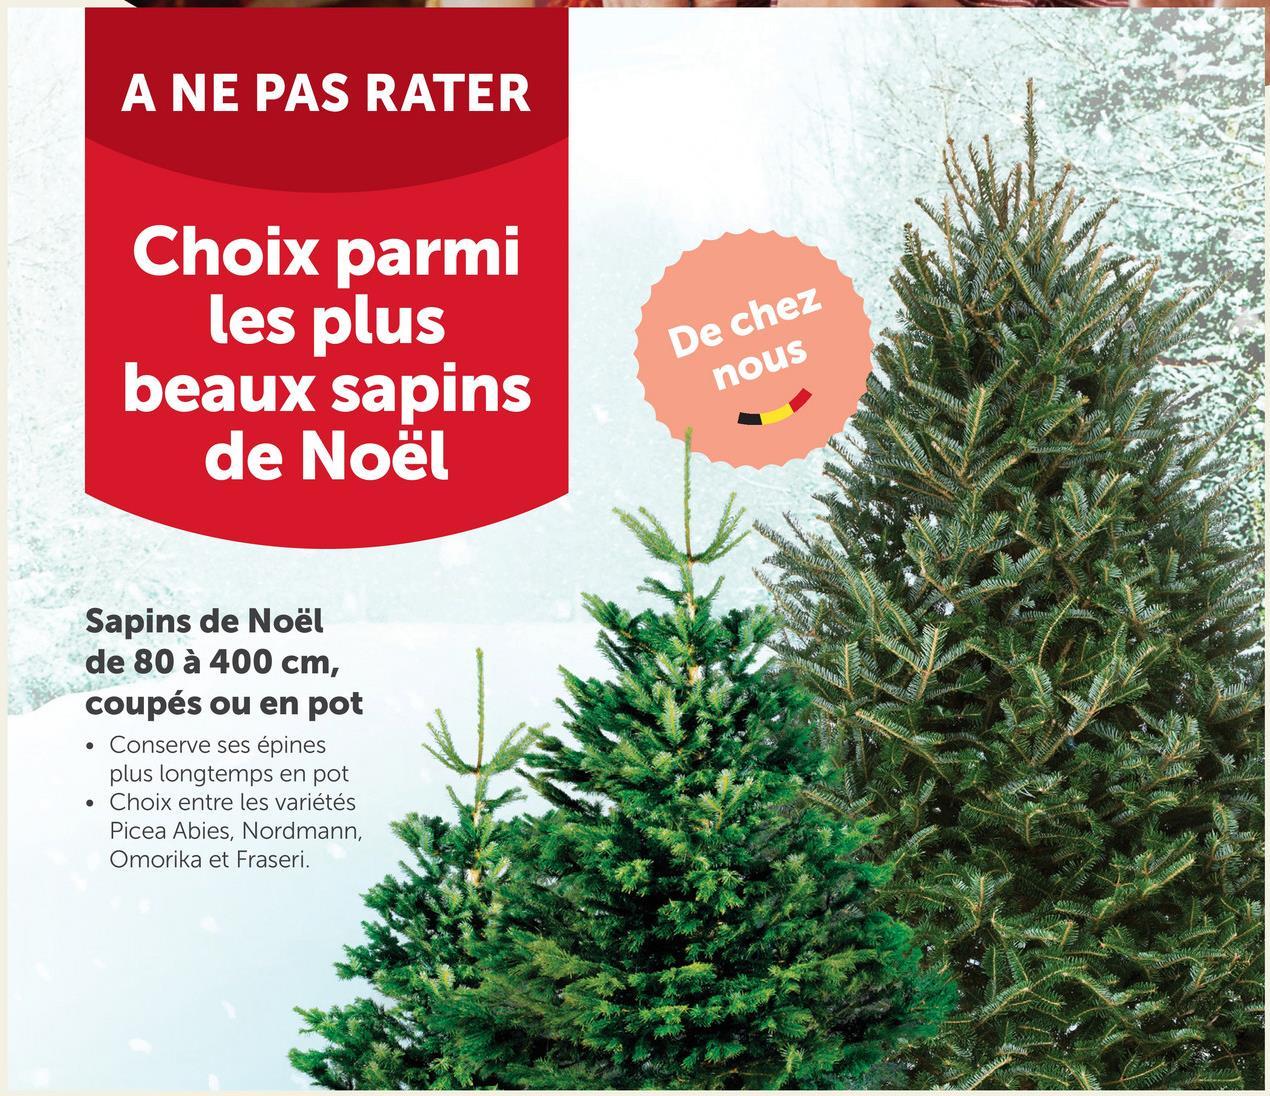 A NE PAS RATER Choix parmi les plus beaux sapins de Noël De chez nous MONE Sapins de Noël de 80 à 400 cm, coupés ou en pot Conserve ses épines plus longtemps en pot • Choix entre les variétés Picea Abies, Nordmann, Omorika et Fraseri. .